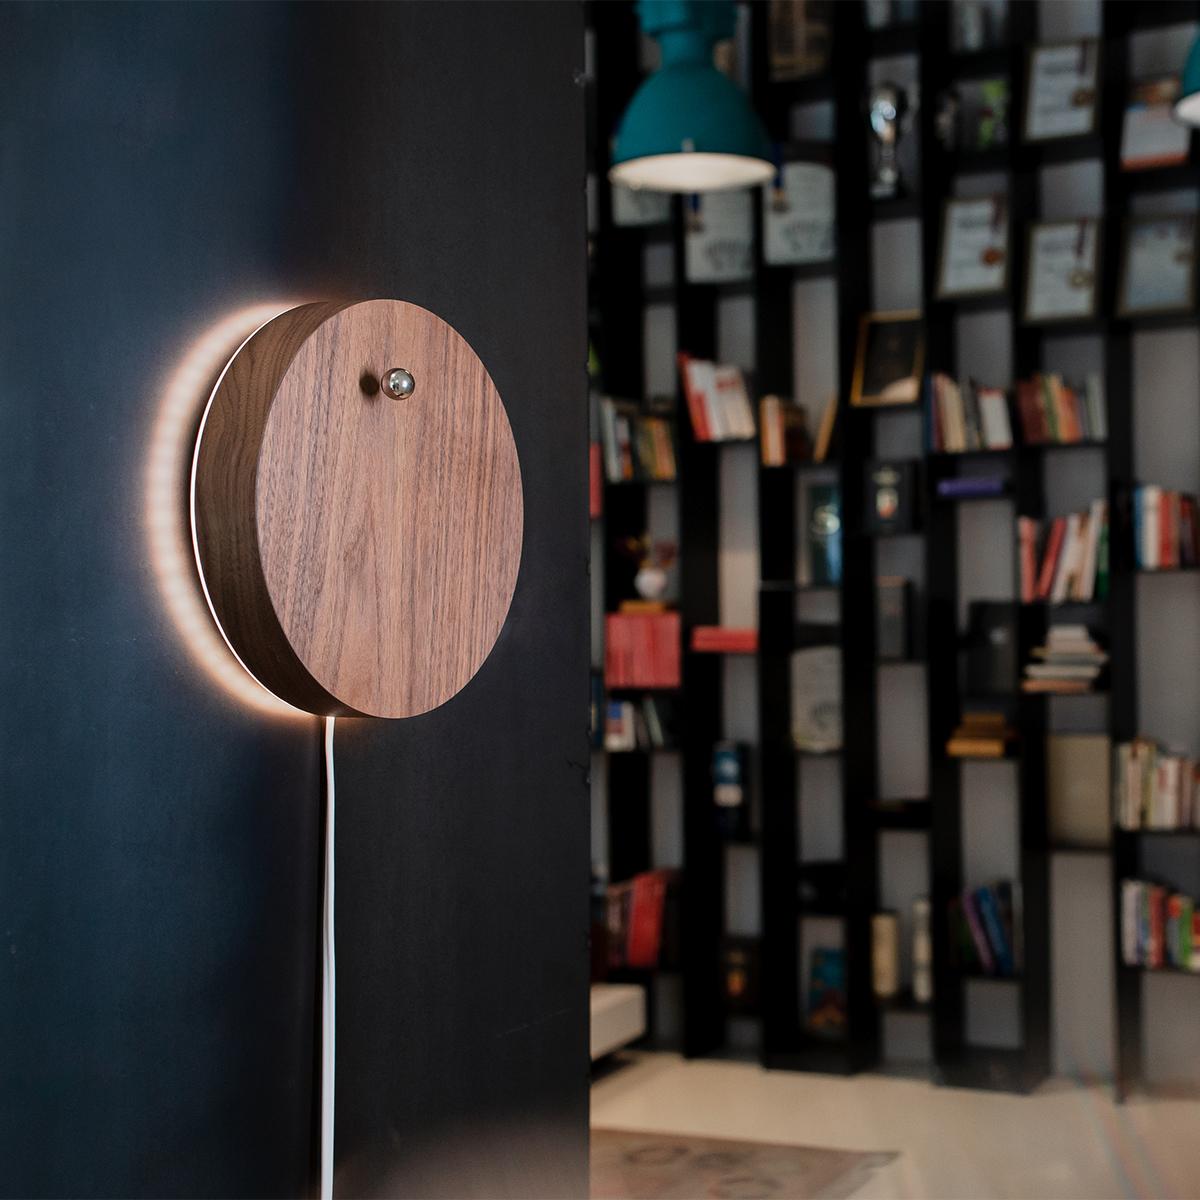 自然と視線を向けたくなるデザインだから限られた時間を意識でき、とても効率的な時計。磁力で浮遊する「時の球体」。あなたの物語を軌道に旅をする時計|Flyte STORY